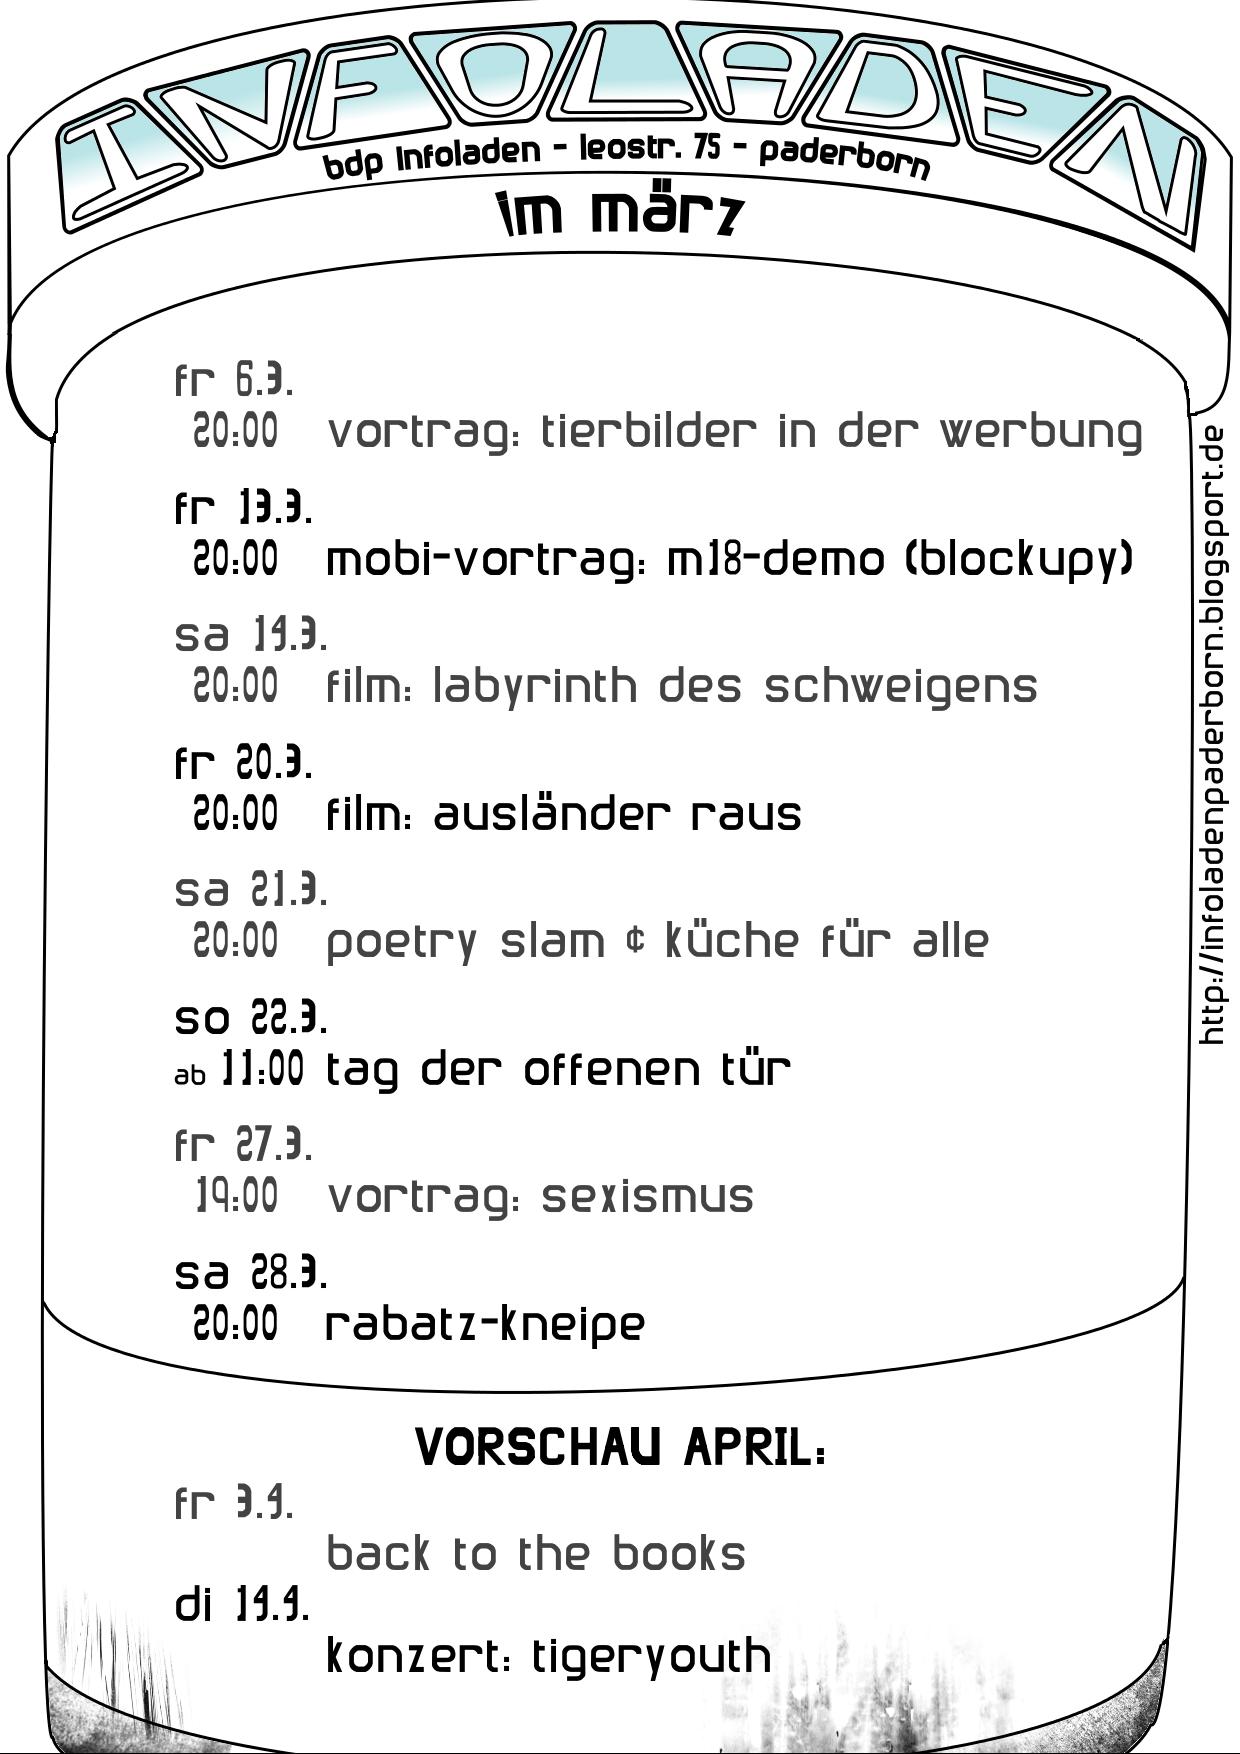 Programm für den März